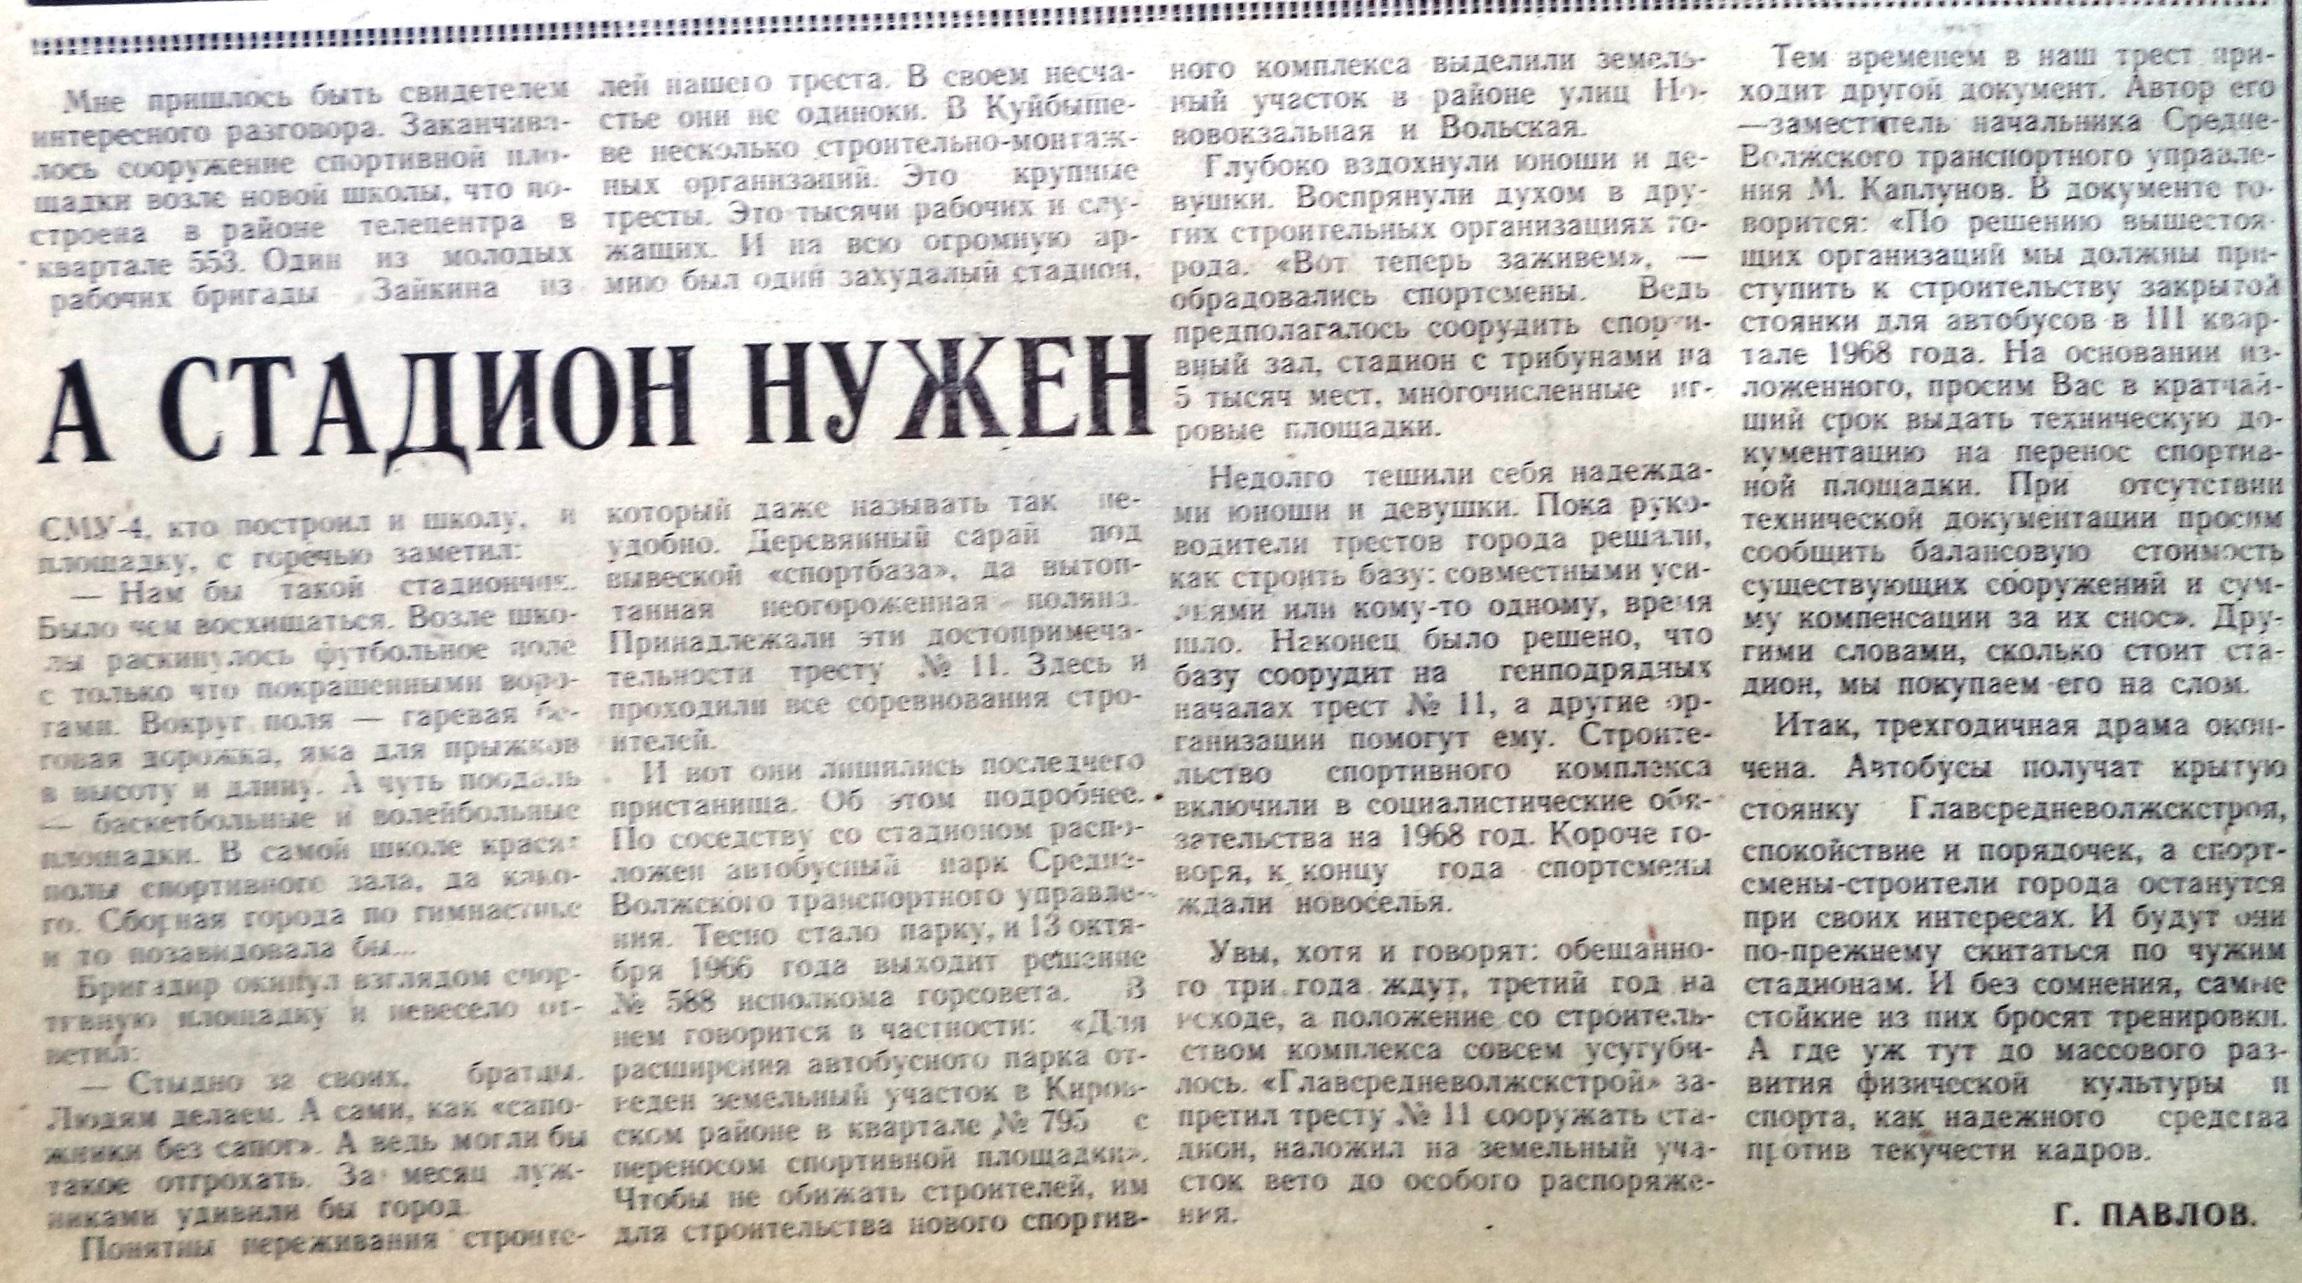 Пугачёвская-ФОТО-36-Труд Строителя-1968-1 октября